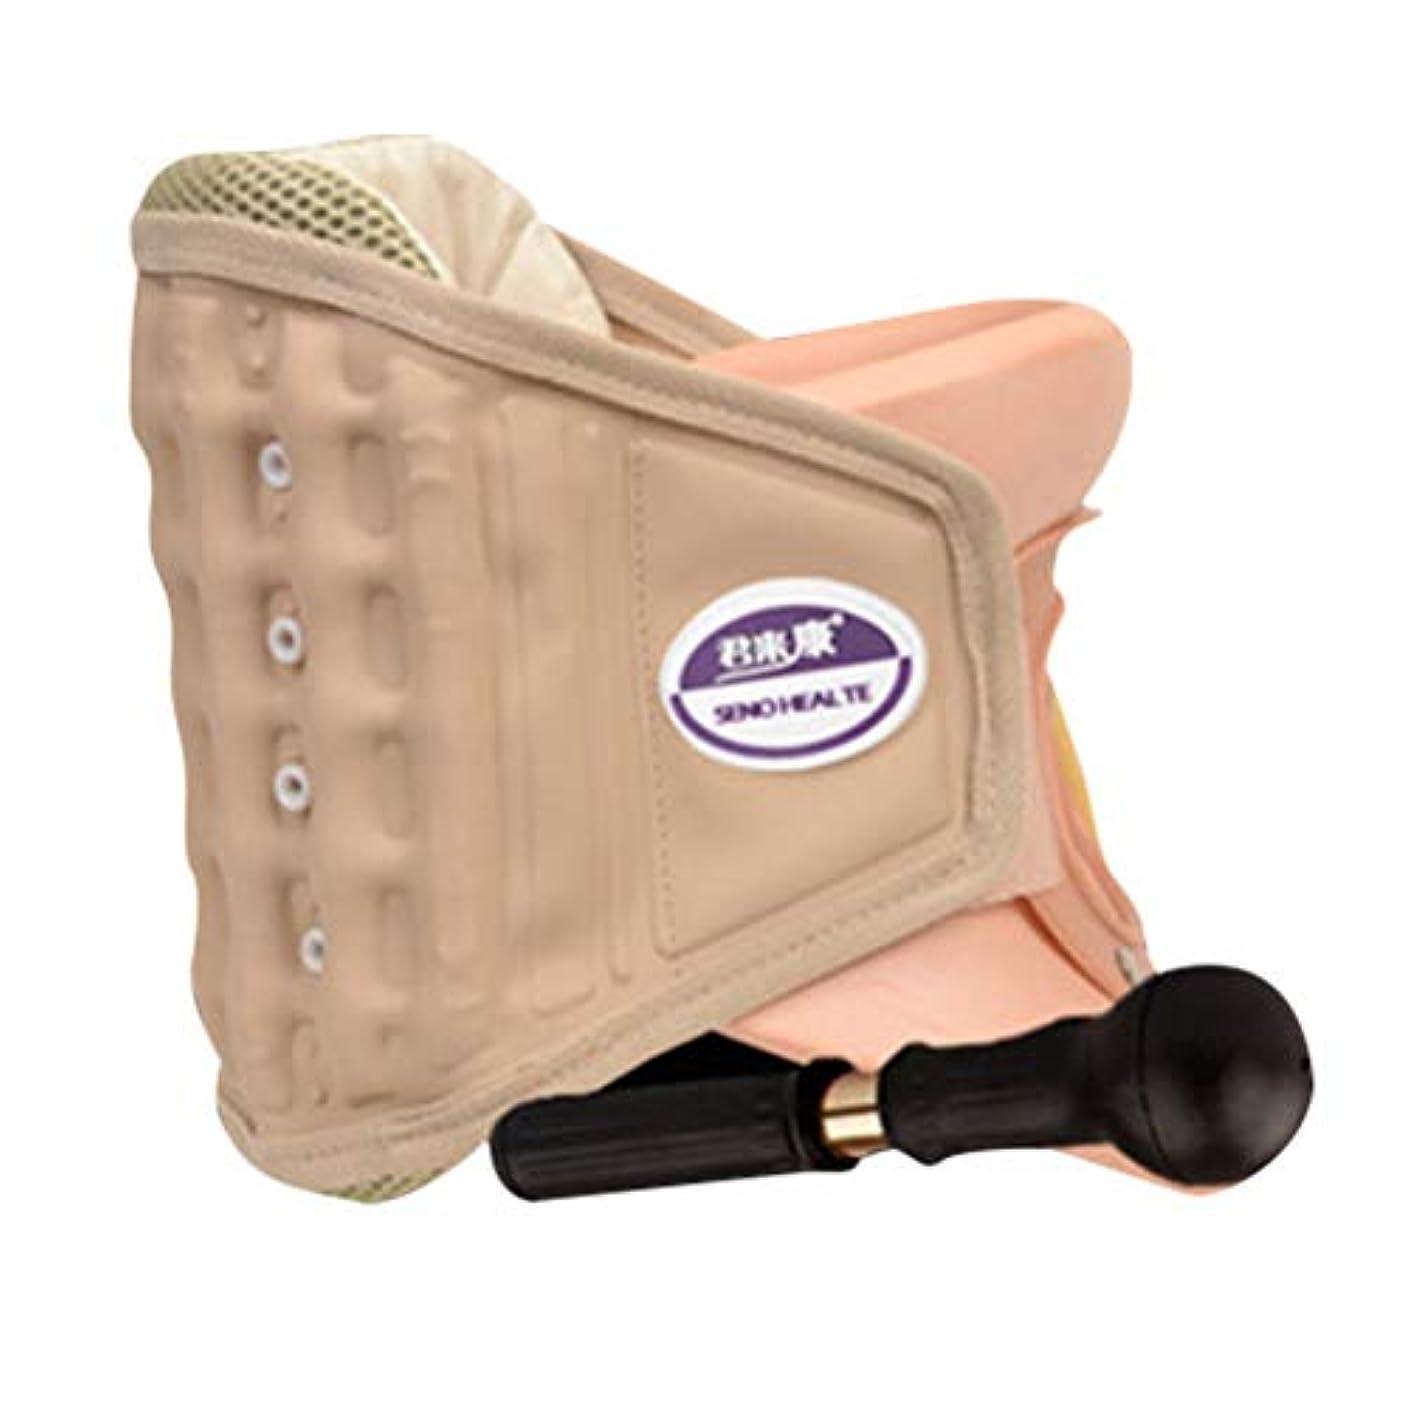 供給切断するクルーズSUPVOX 頸部首牽引襟デバイス装具椎骨サポートベルト付きポンプポータブルネックマッサージャー